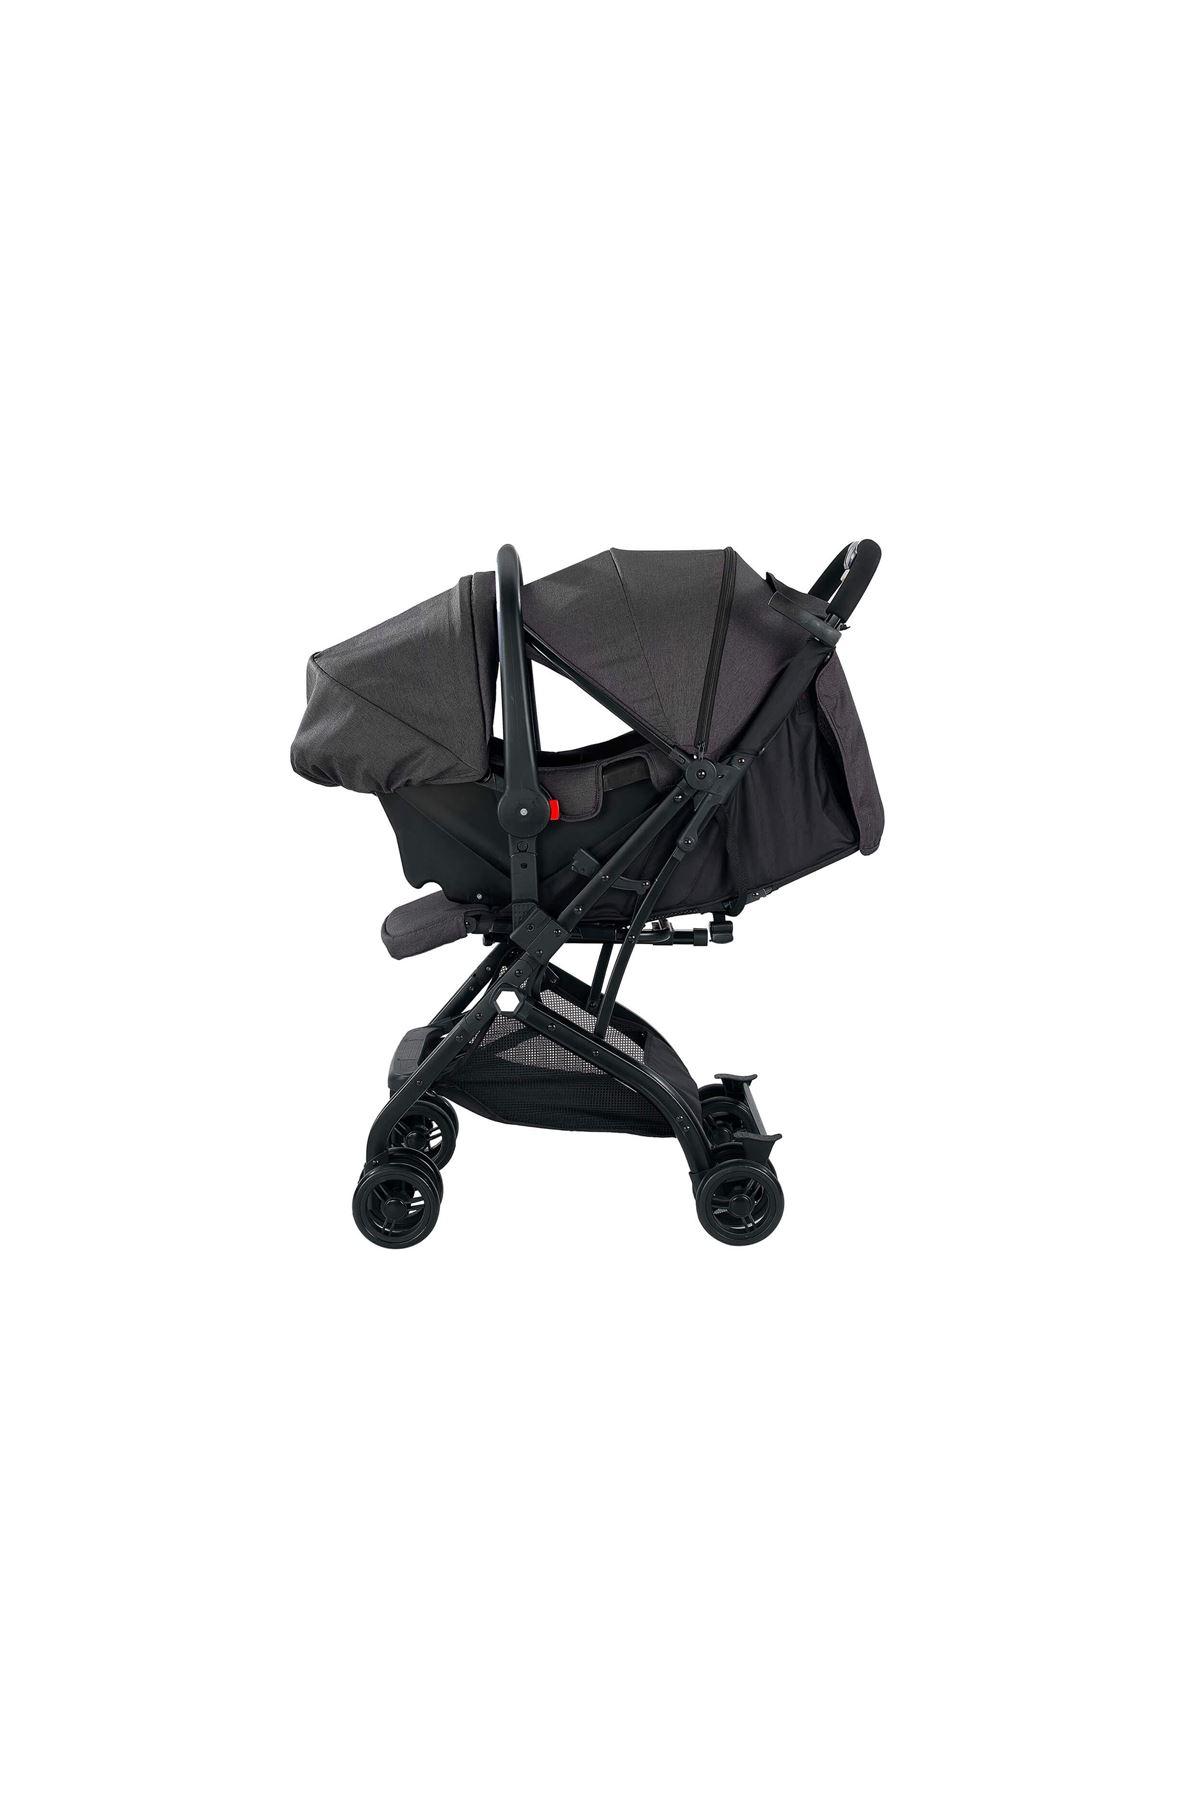 Baby2go Heets Travel Sistem Bebek Arabası 2031 Siyah